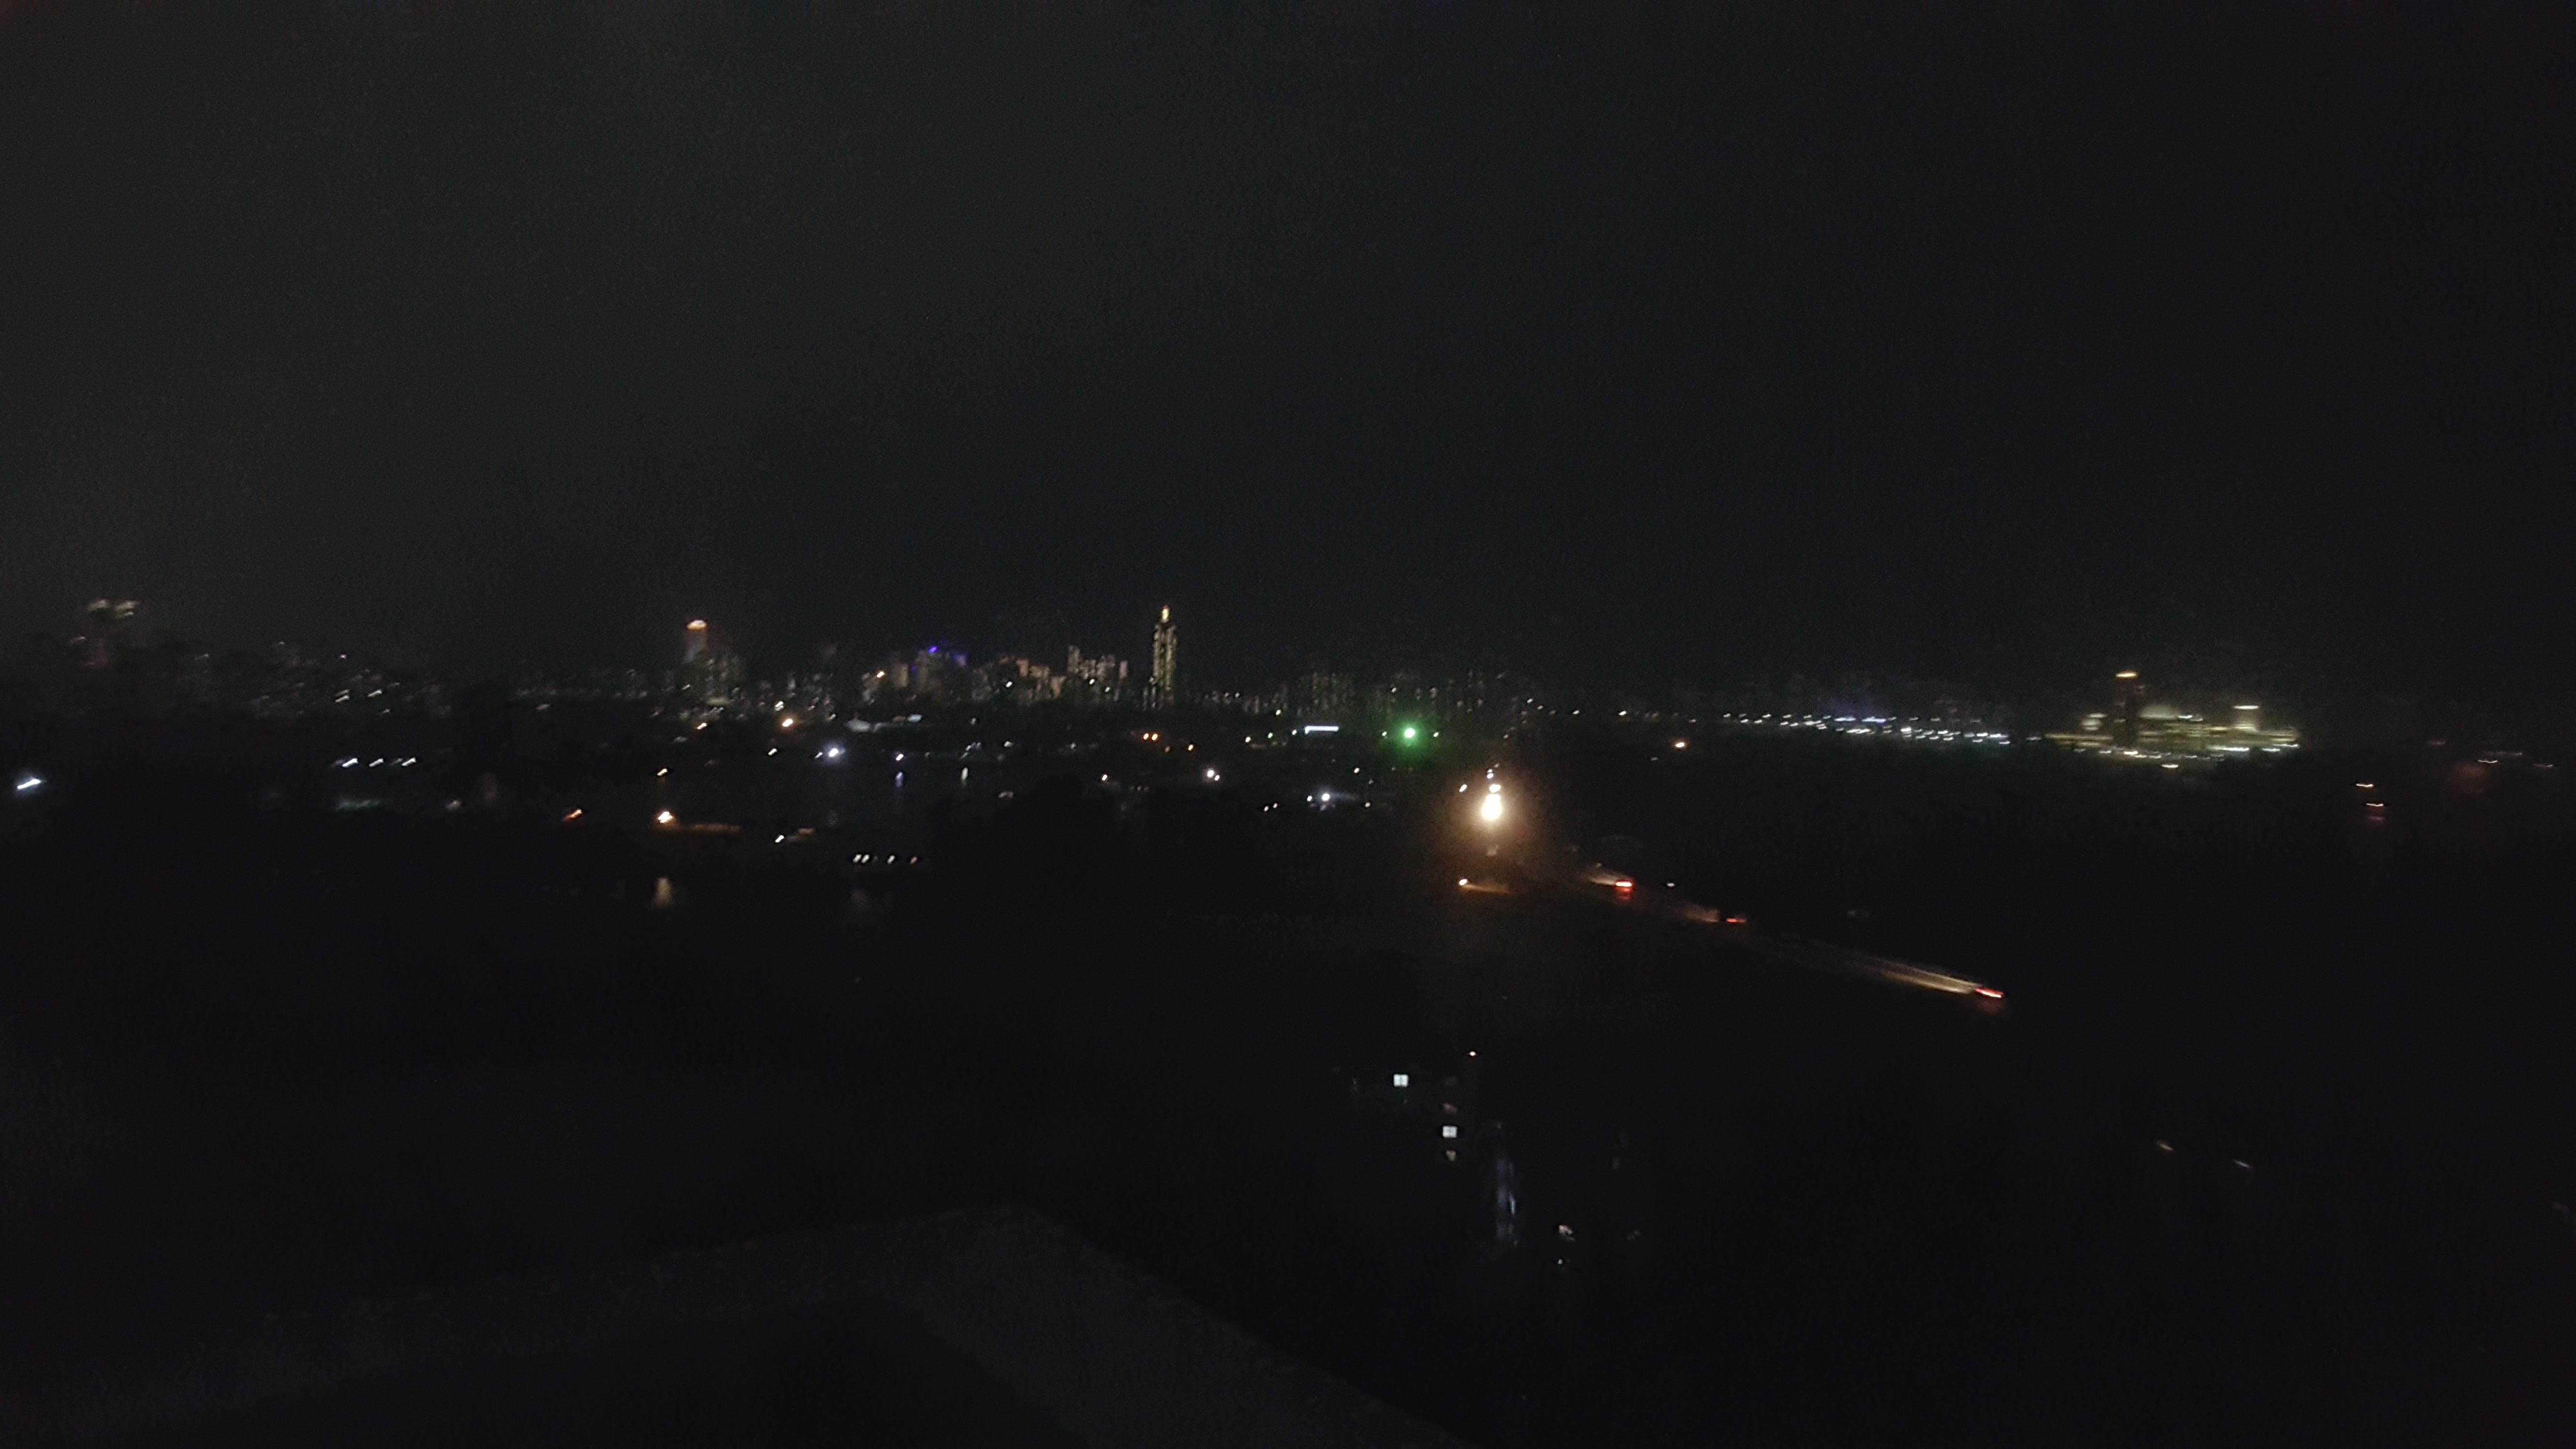 Byen på kveldstid med overraskende mange lyskilder.